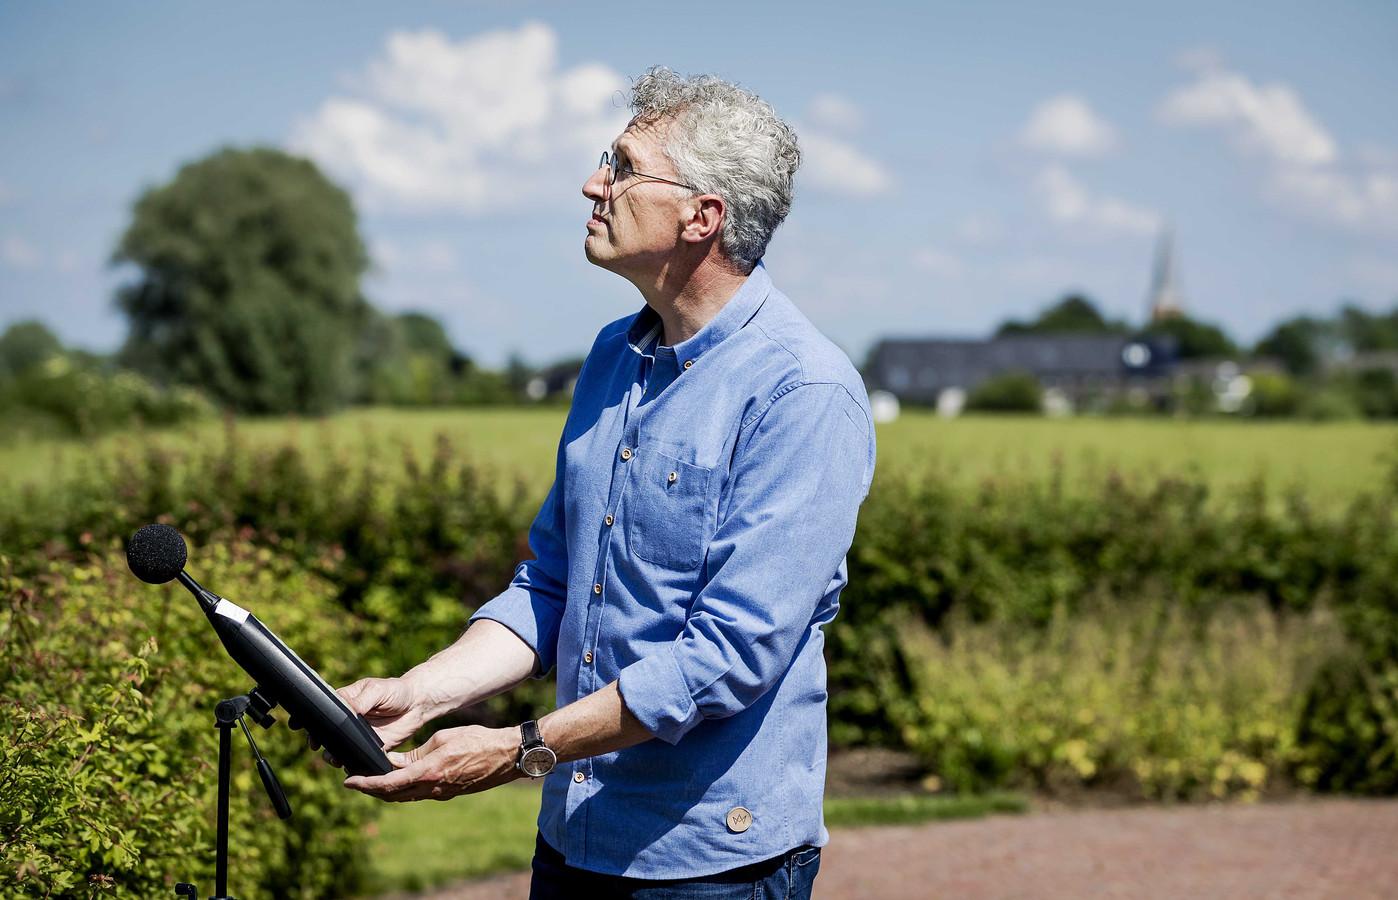 Erik Roelofsen doet geluidsmetingen.